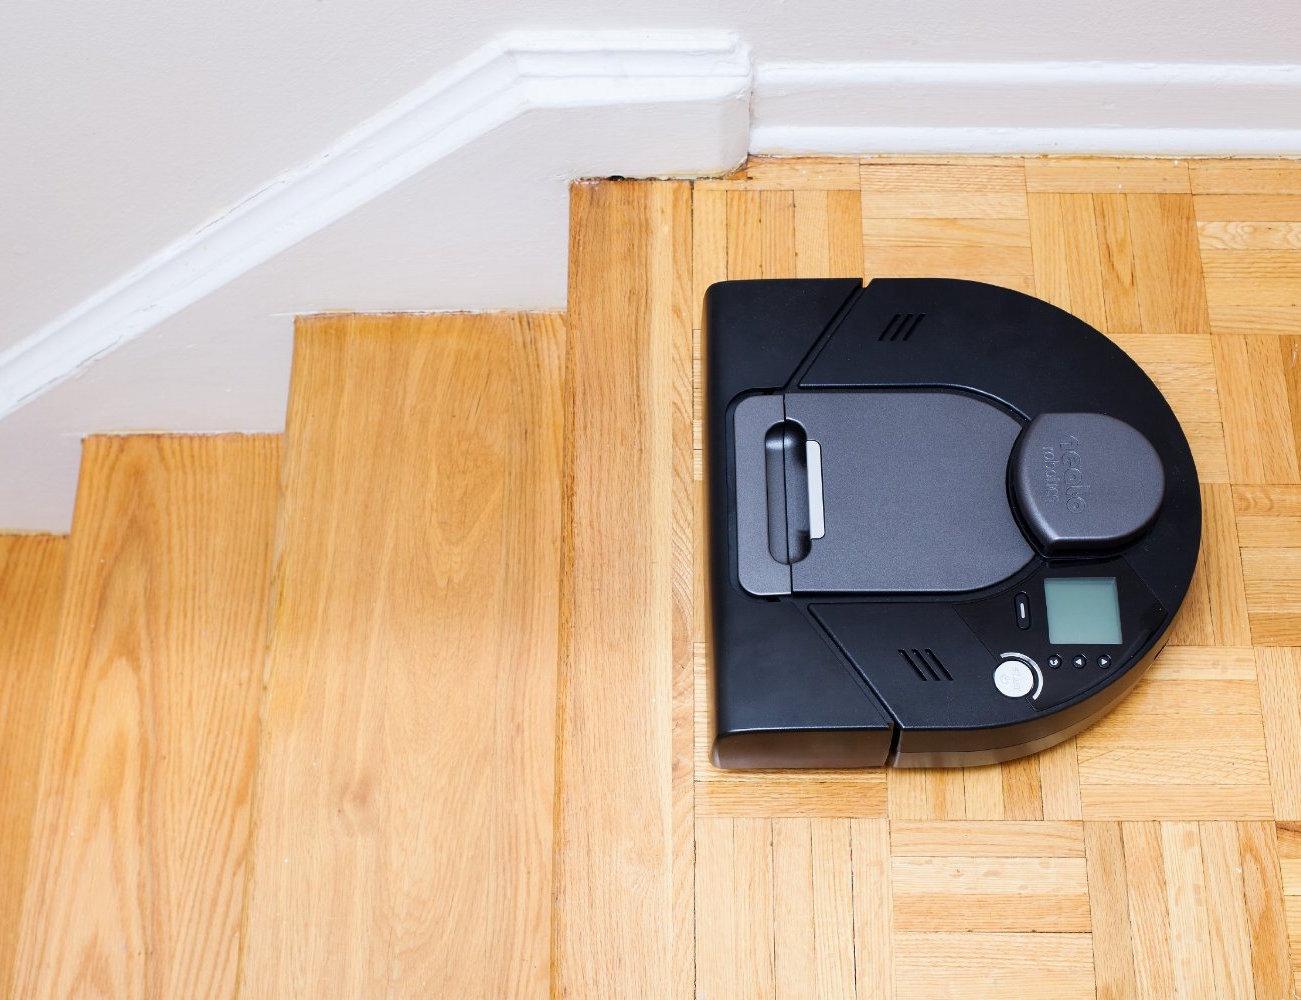 neato-xv-signature-pro-robot-vacuum-cleaner-03